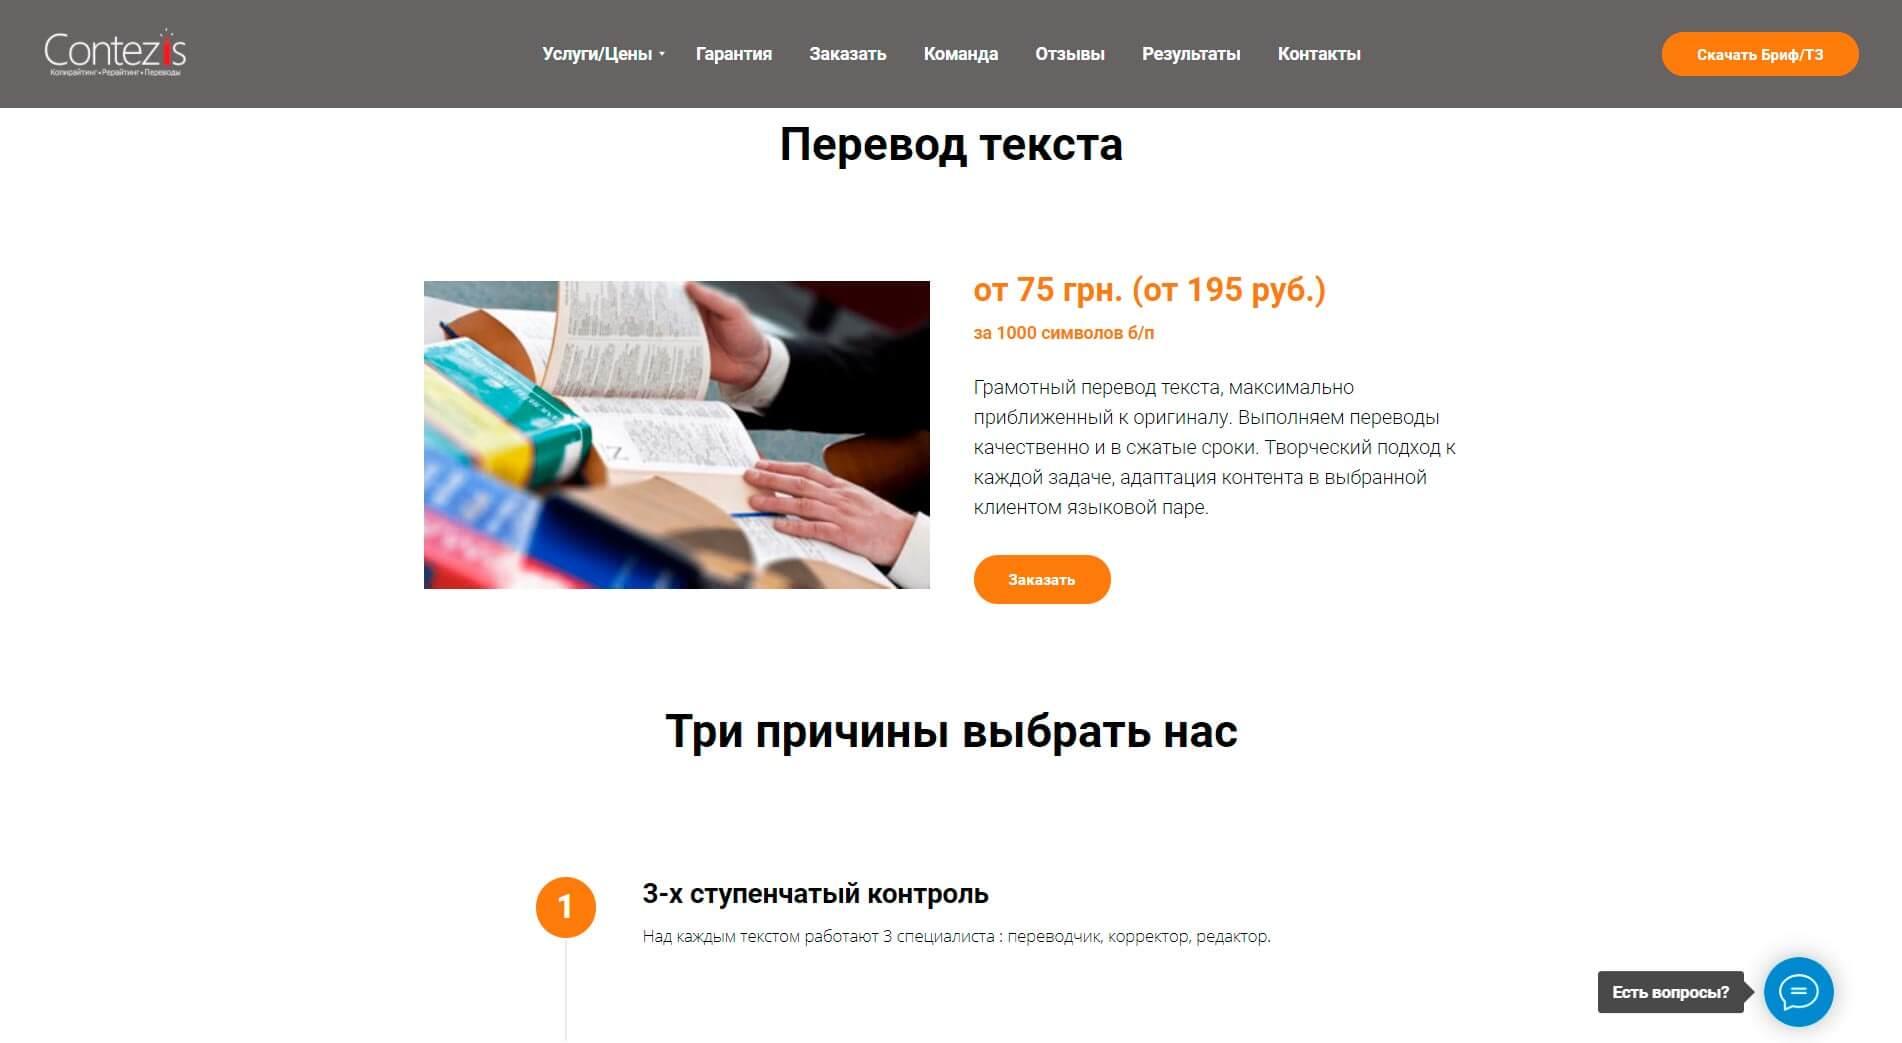 Contezis - обзор компании, услуги, отзывы, клиенты, Фото № 3 - google-seo.pro